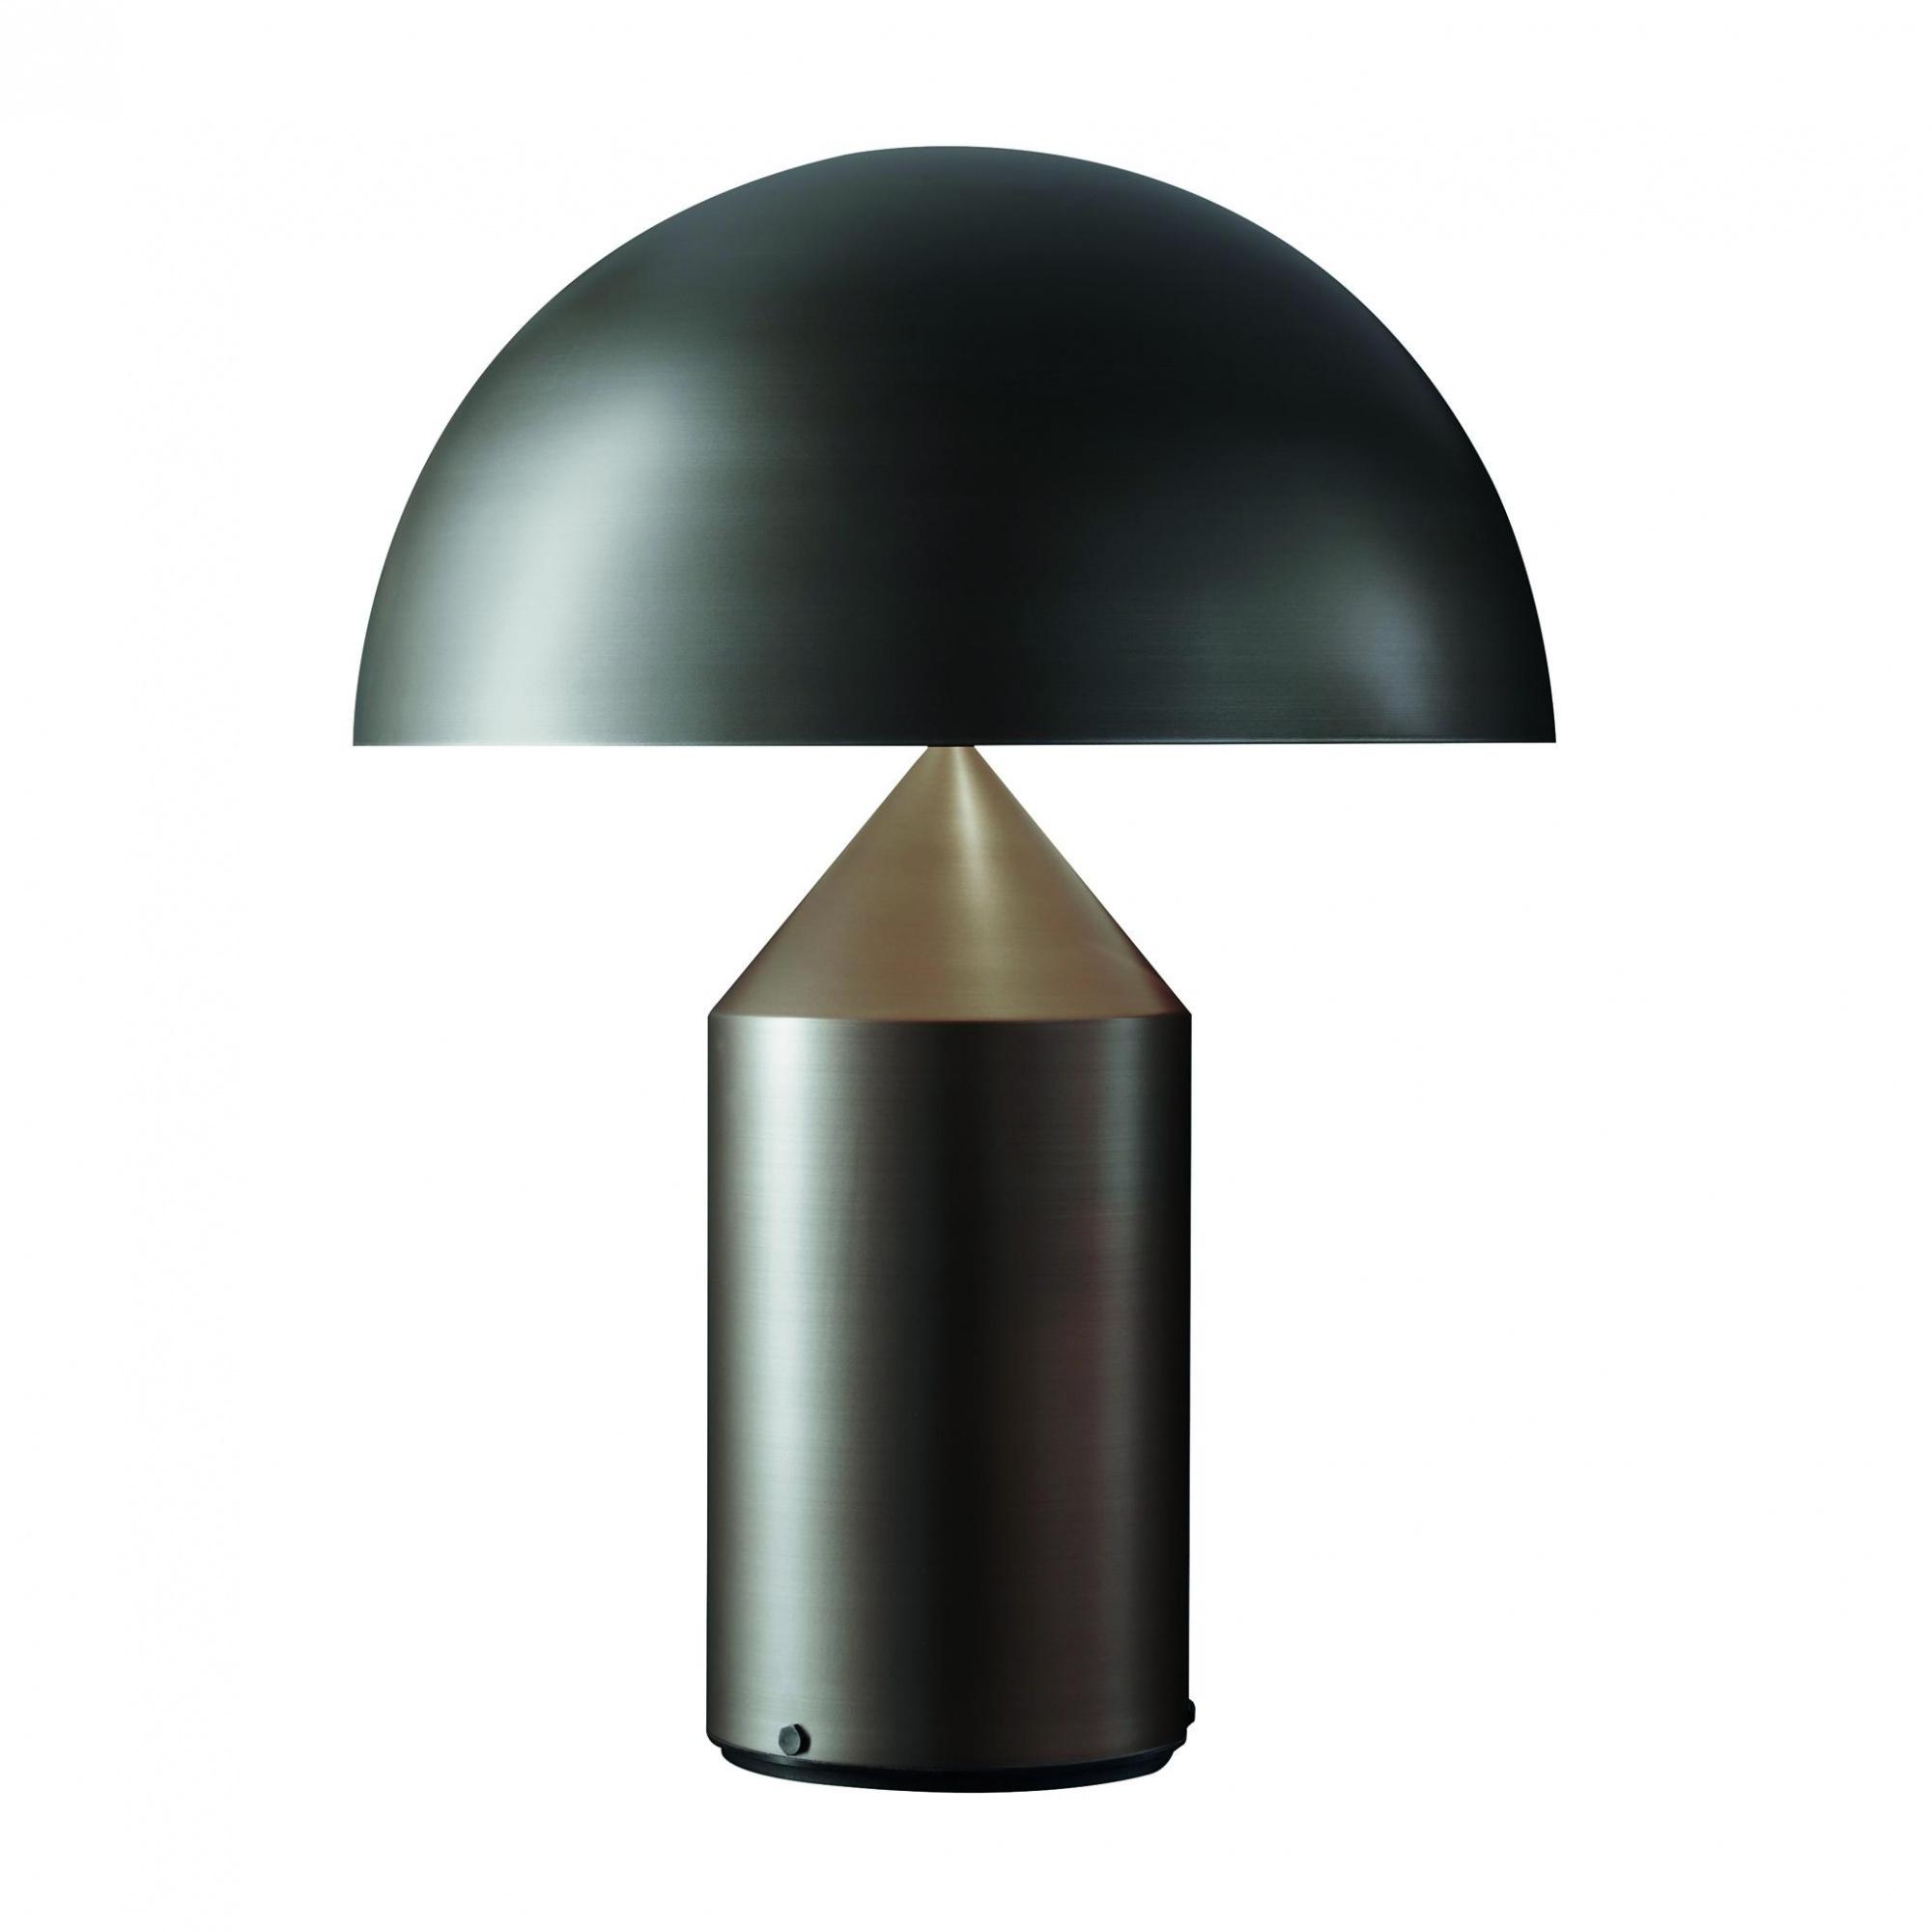 Oluce - Atollo 233 Tischleuchte bronze - bronze satiniert/Innenseite weiß R günstig online kaufen